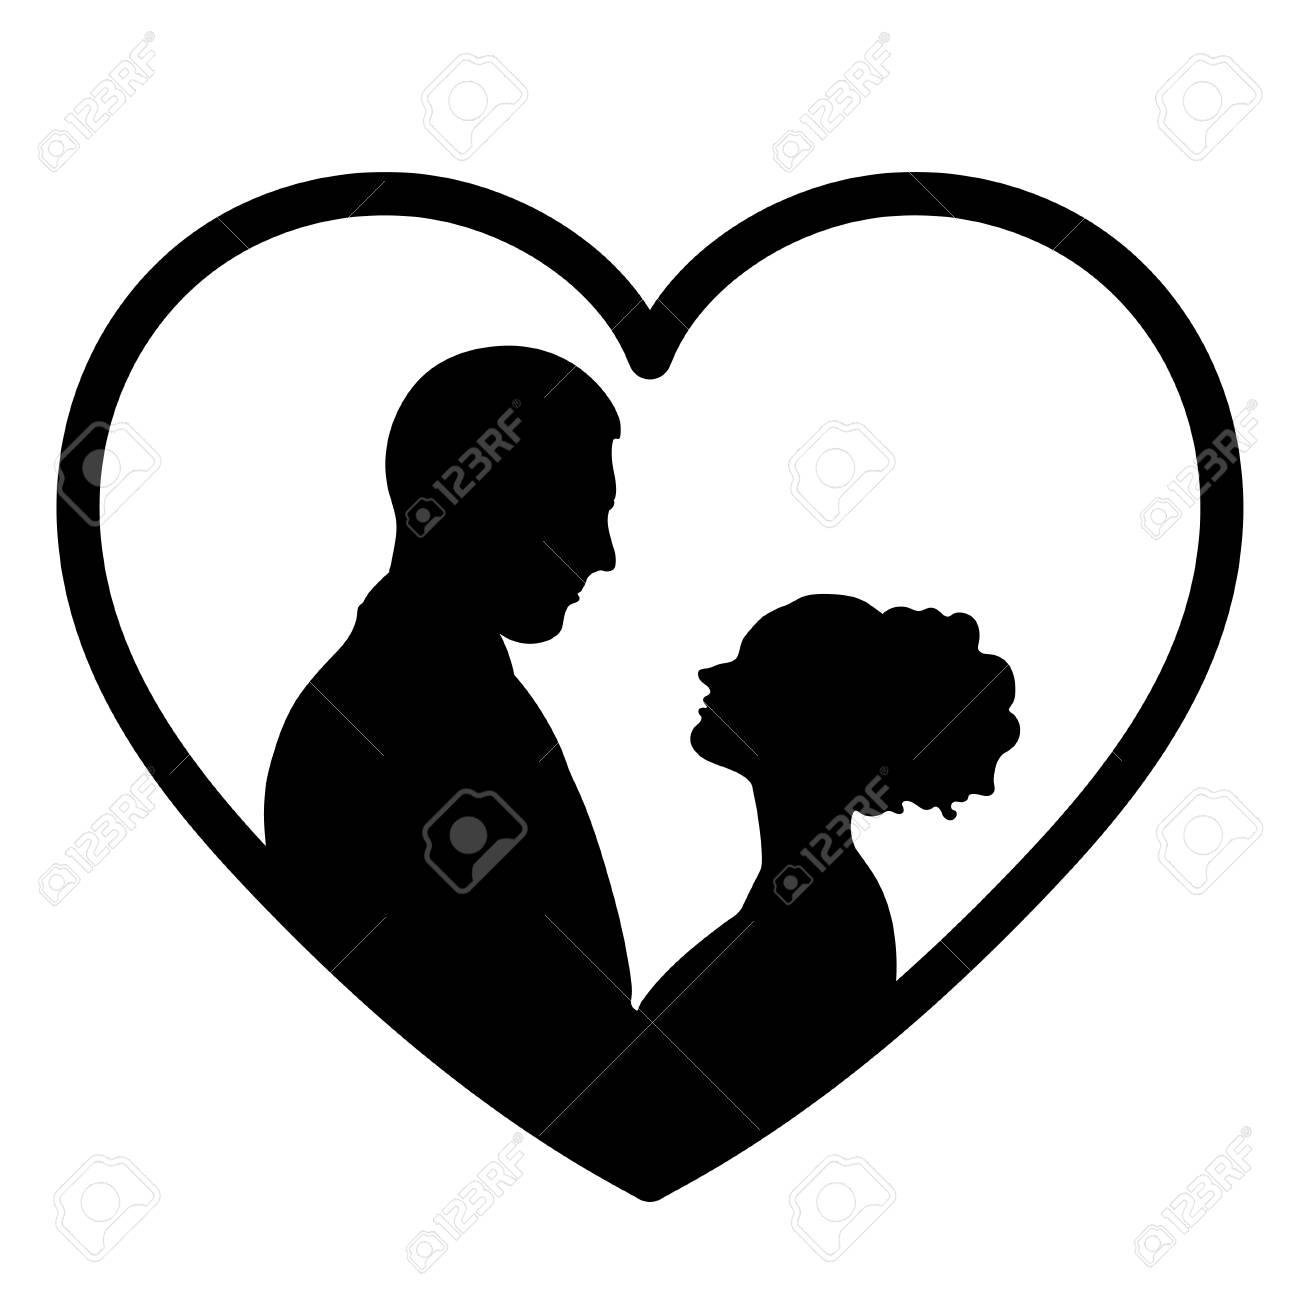 Dessin Amoureux Couple silhouette de couple amoureux, icône plate, dessin de contour de la